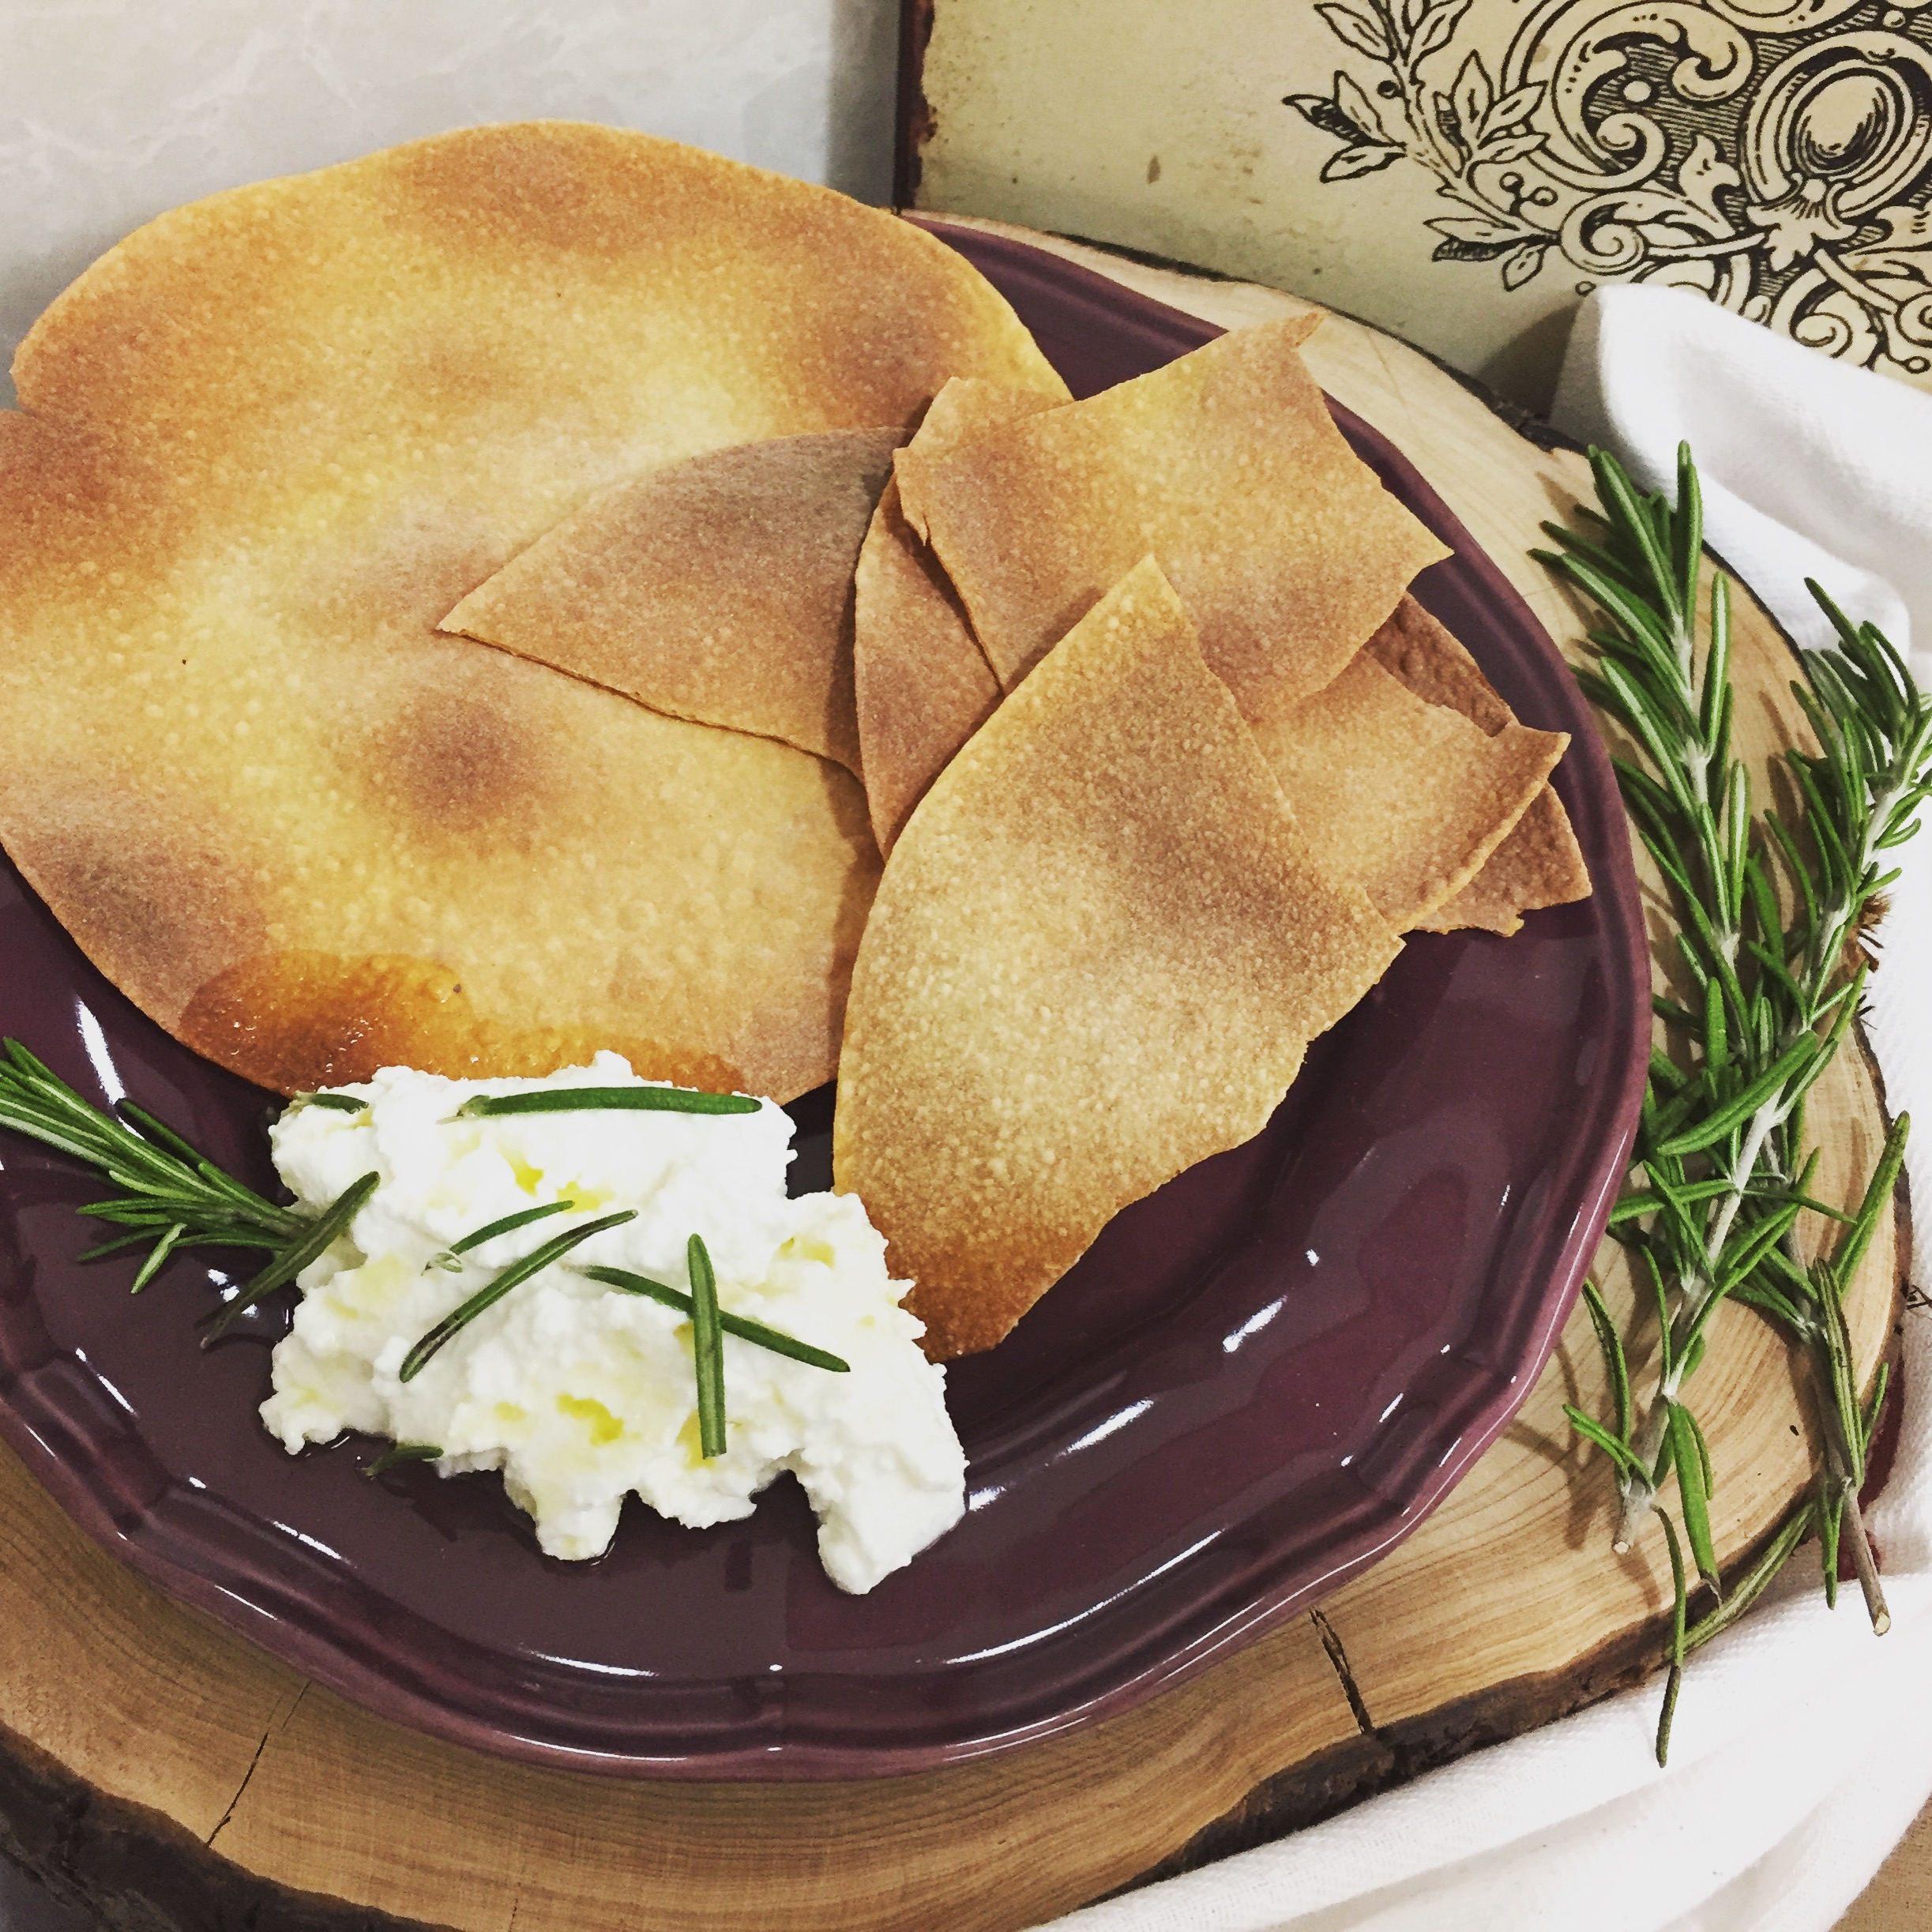 Pappadamus no forno com ricotta e alecrim - Blog da Spice